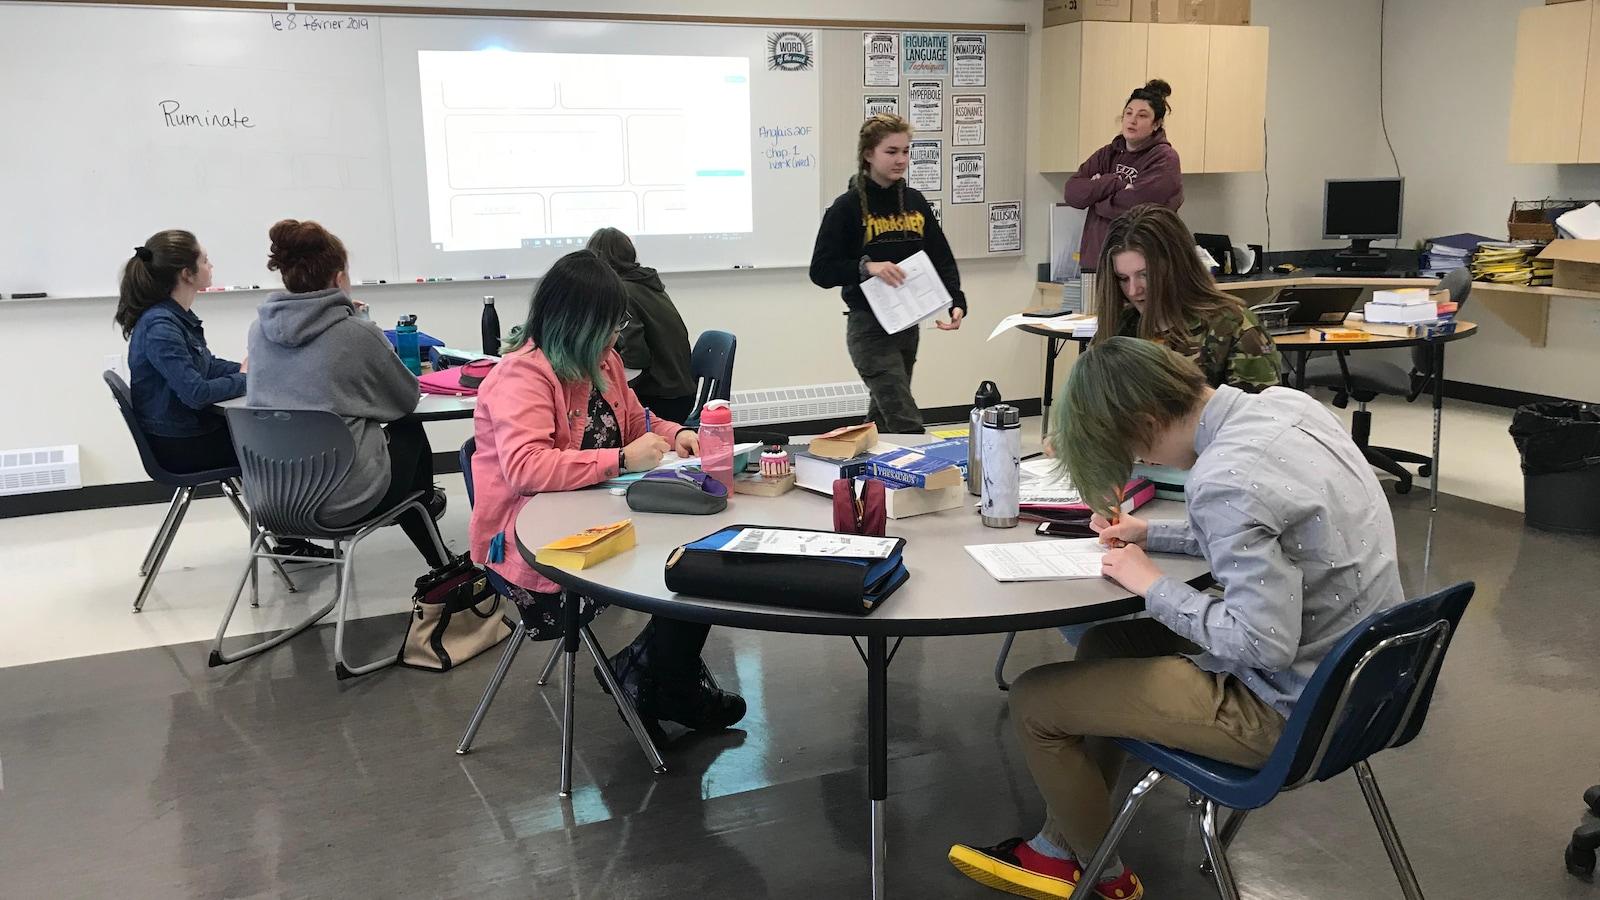 Des adolescents assis à des tables rondes dans une salle de classe